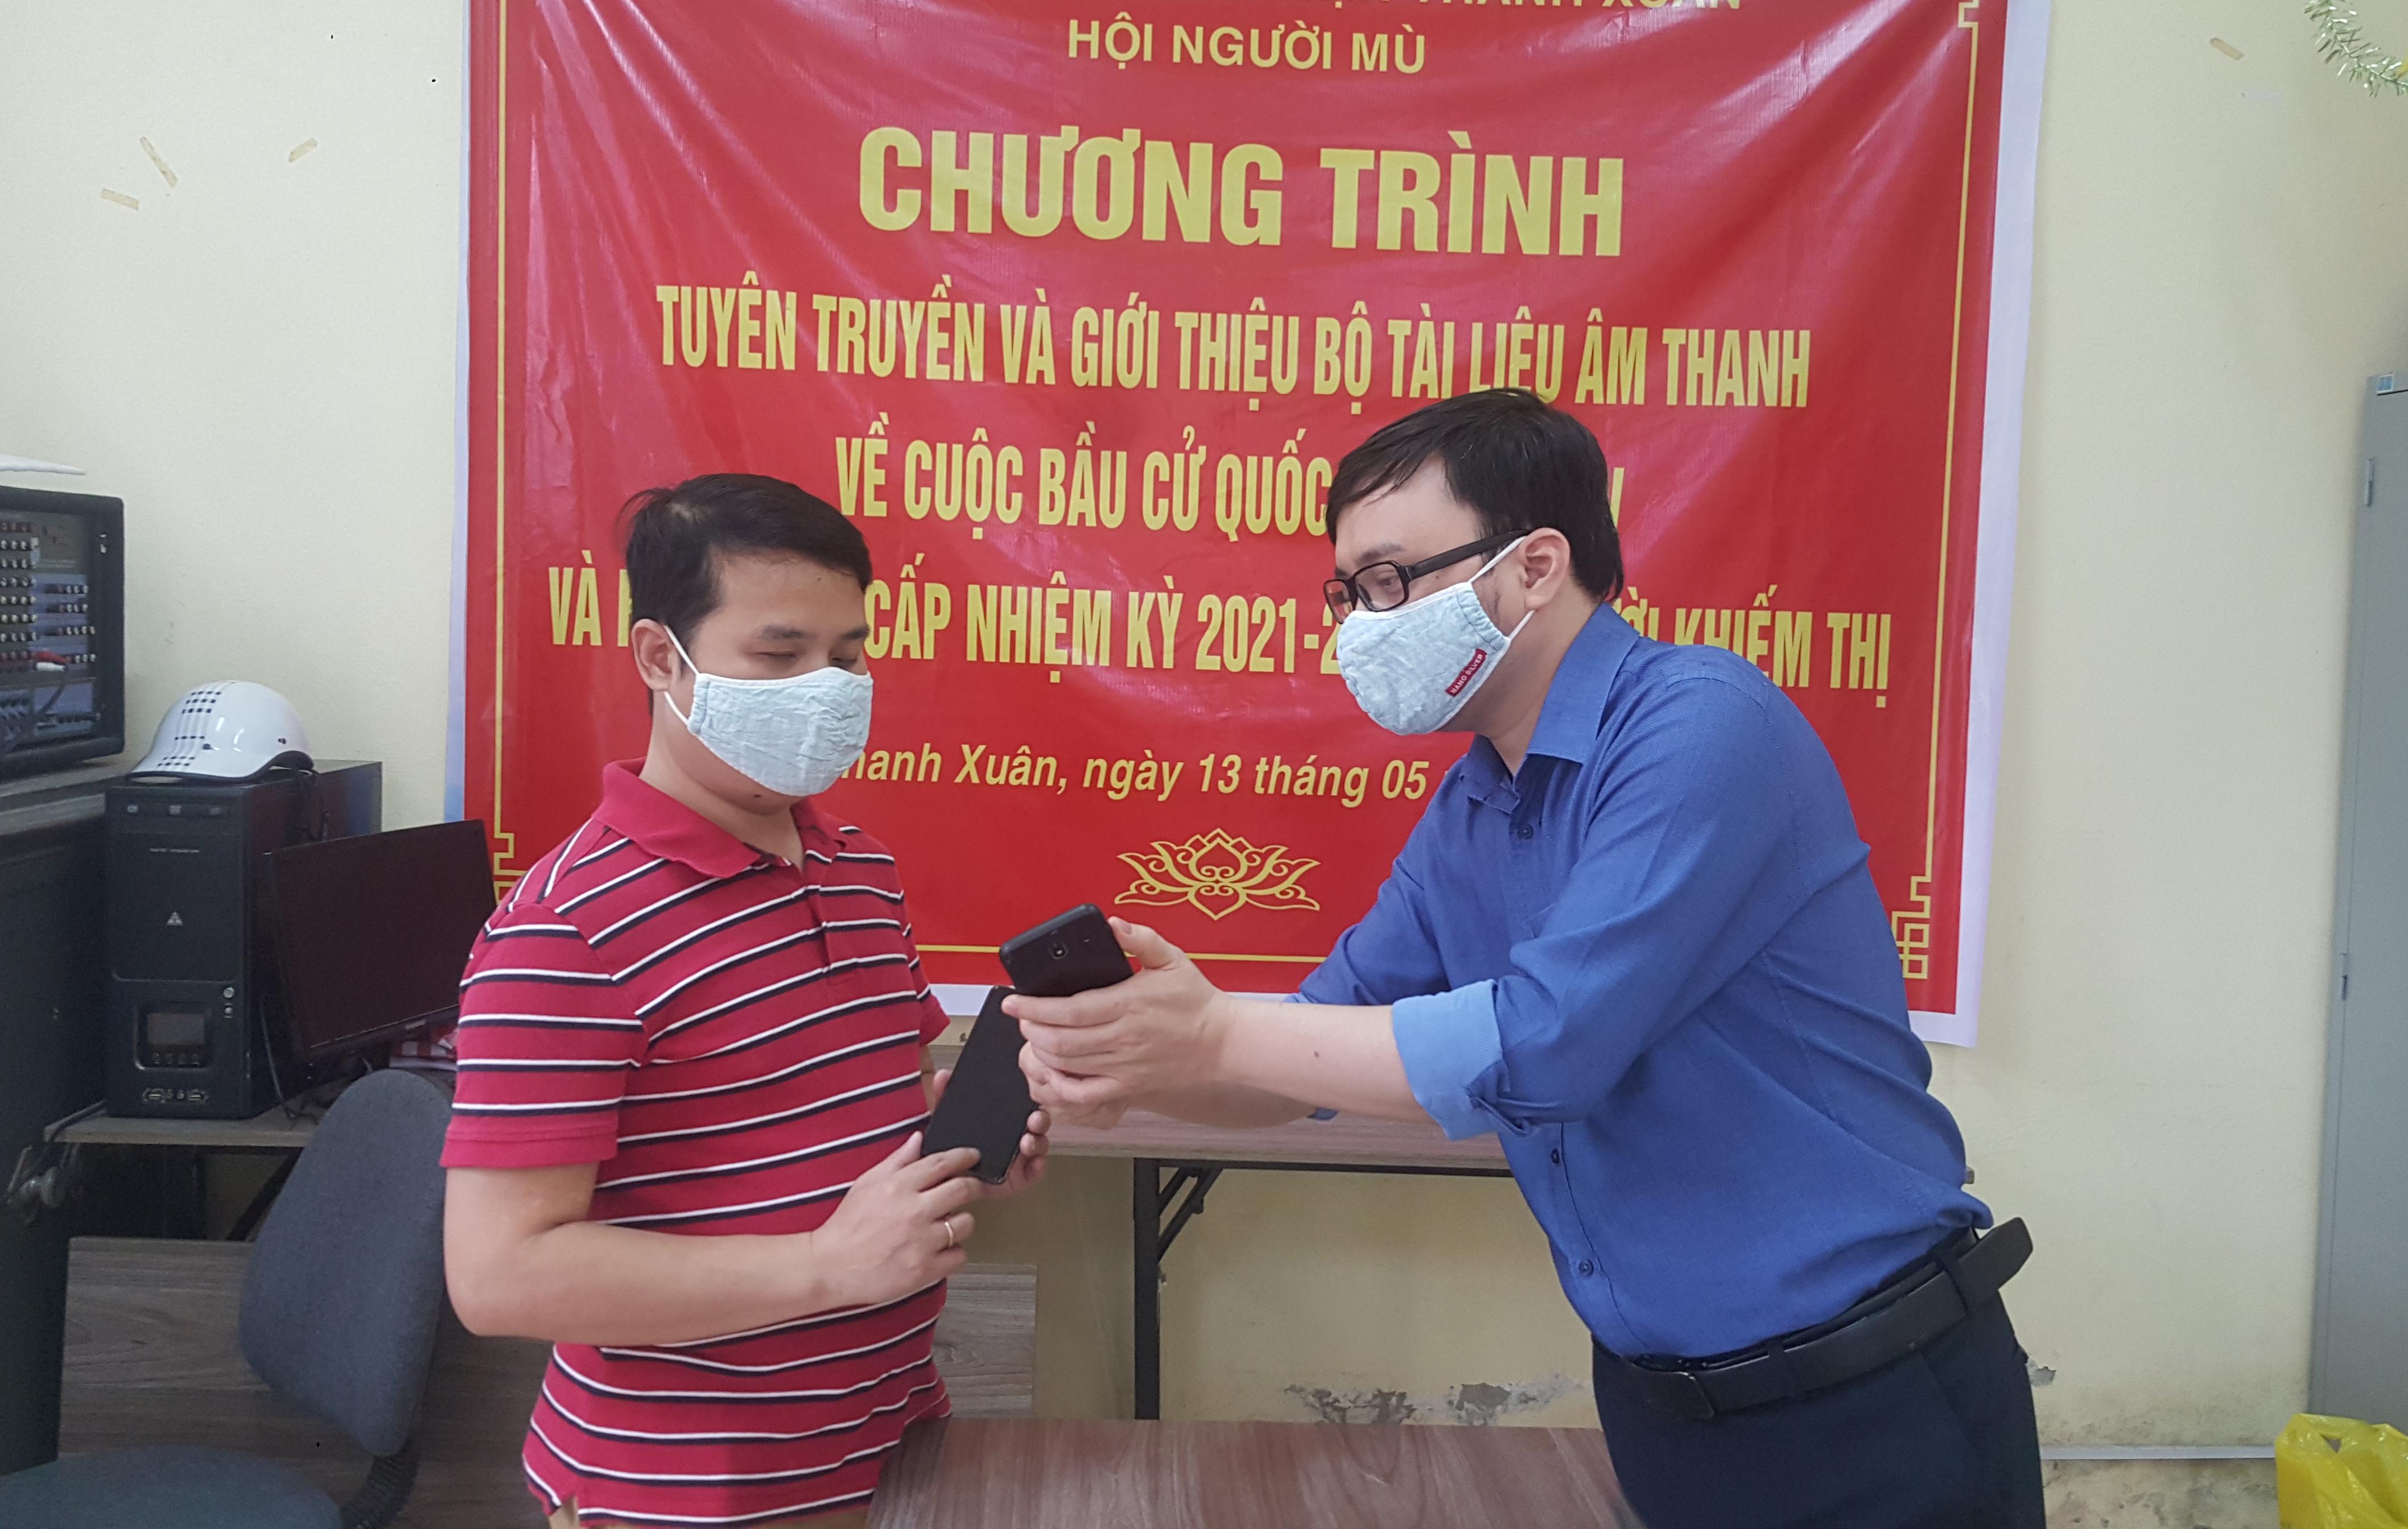 Độc đáo hình thức tuyên truyền về cuộc bầu cử cho người khiếm thị